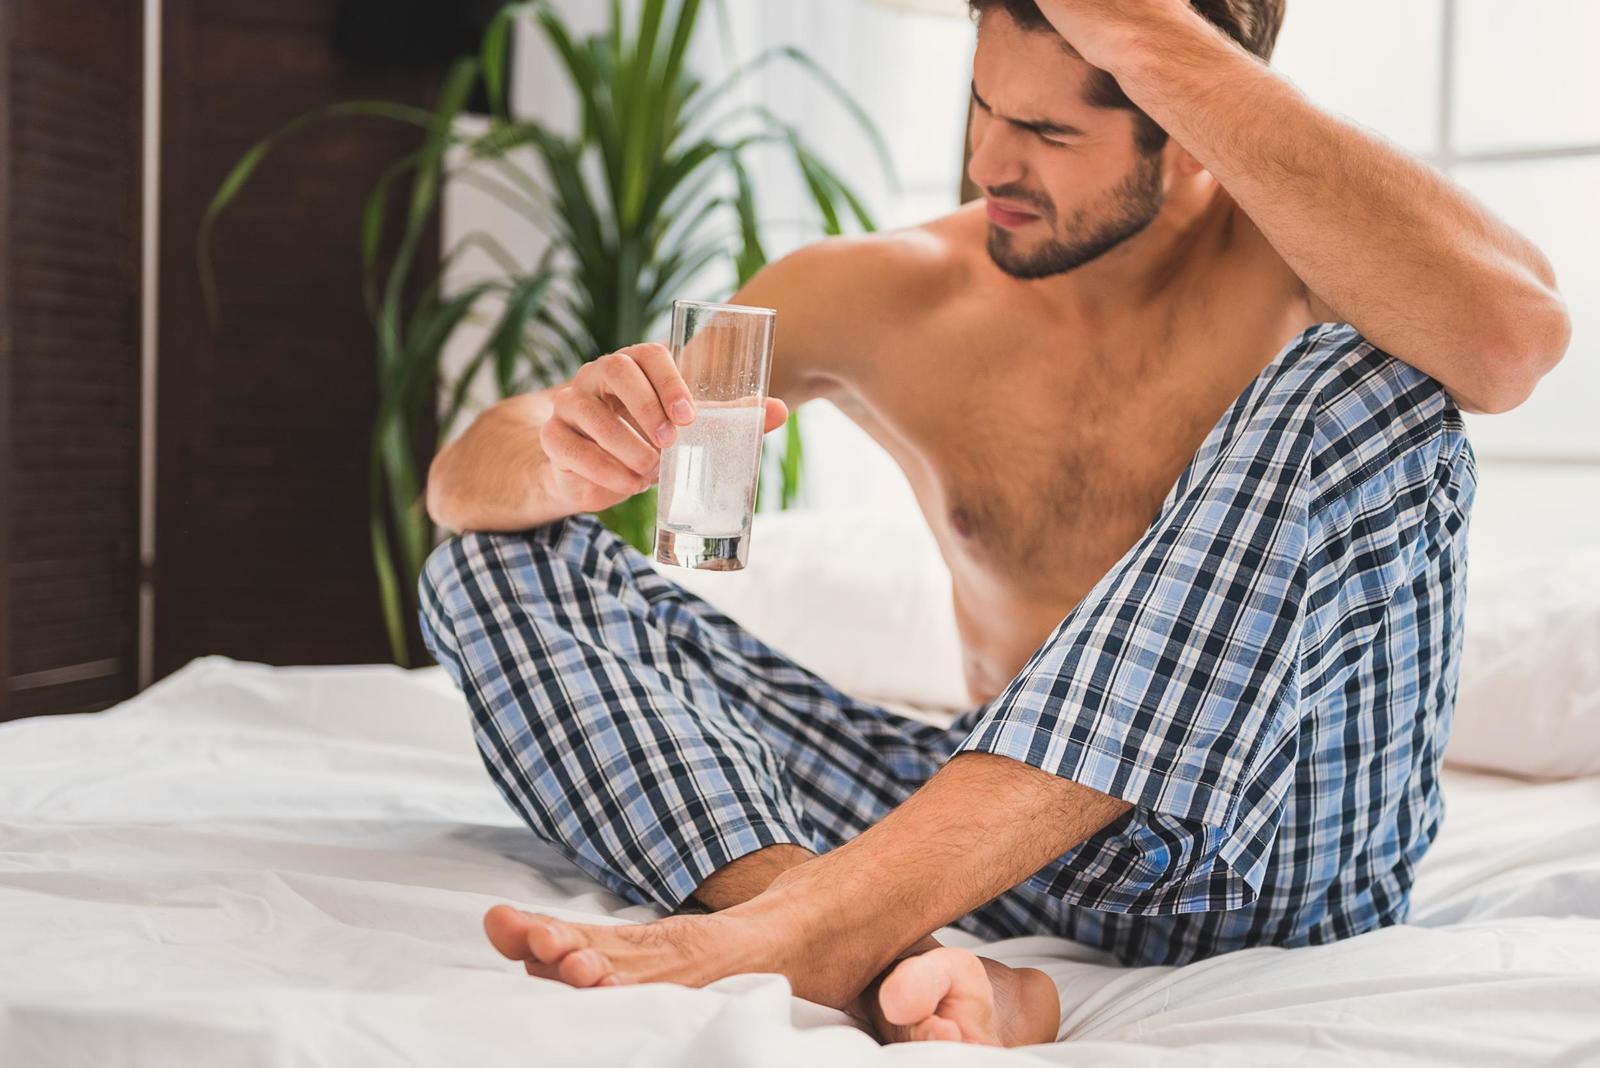 Опохмеление: может ли алкоголь лечить похмелье?